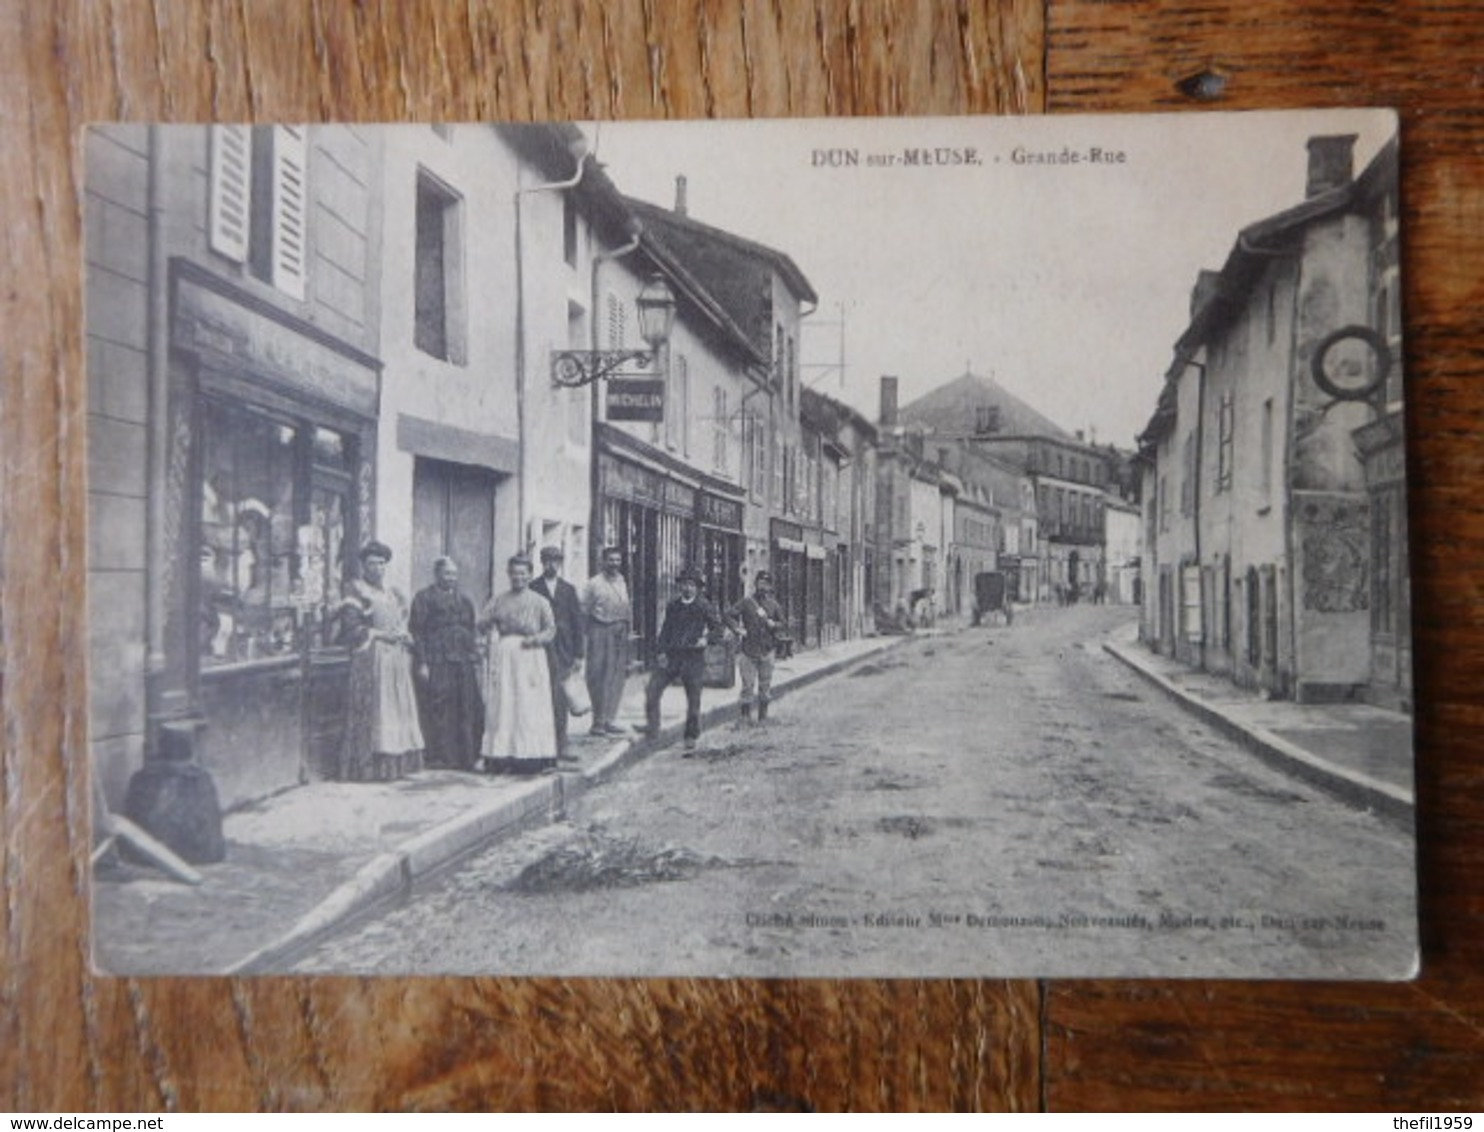 Dun Sur Meuse Vers 1910 Grand-Rue / Cliché Simon - Edit.Mme Demouzon - Dun Sur Meuse